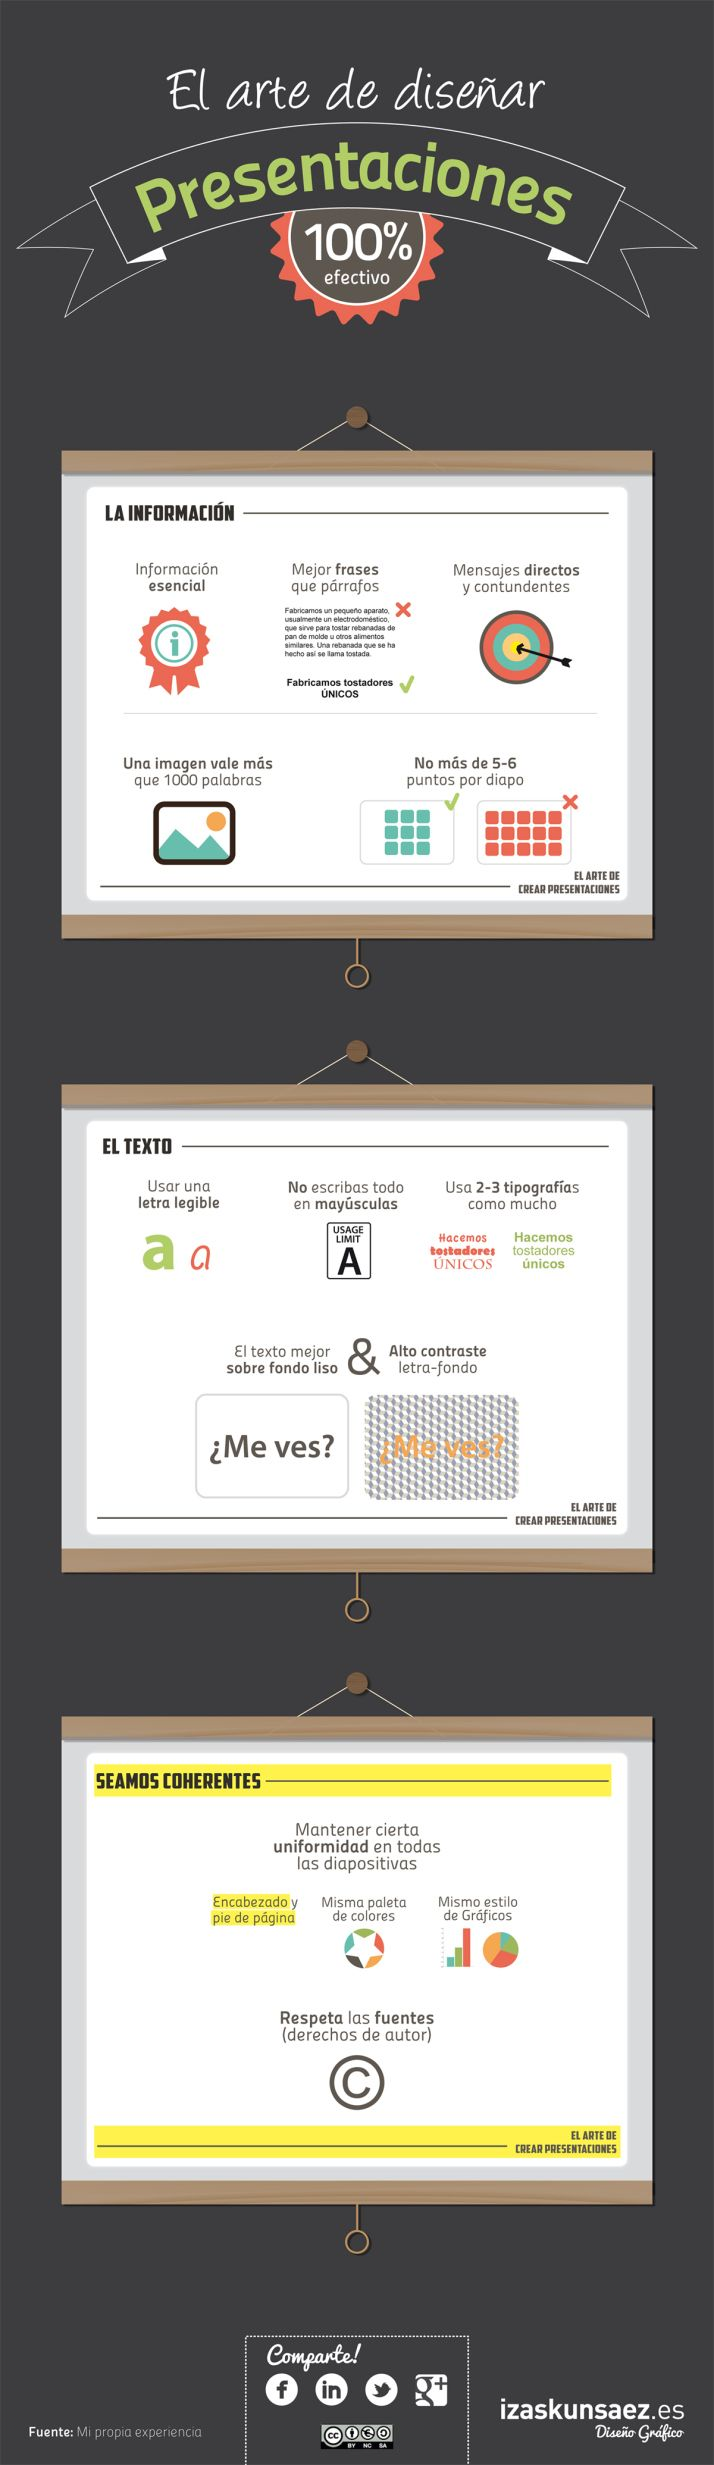 El arte de diseñar buenas presentaciones #infografia #infographic #marketing se...